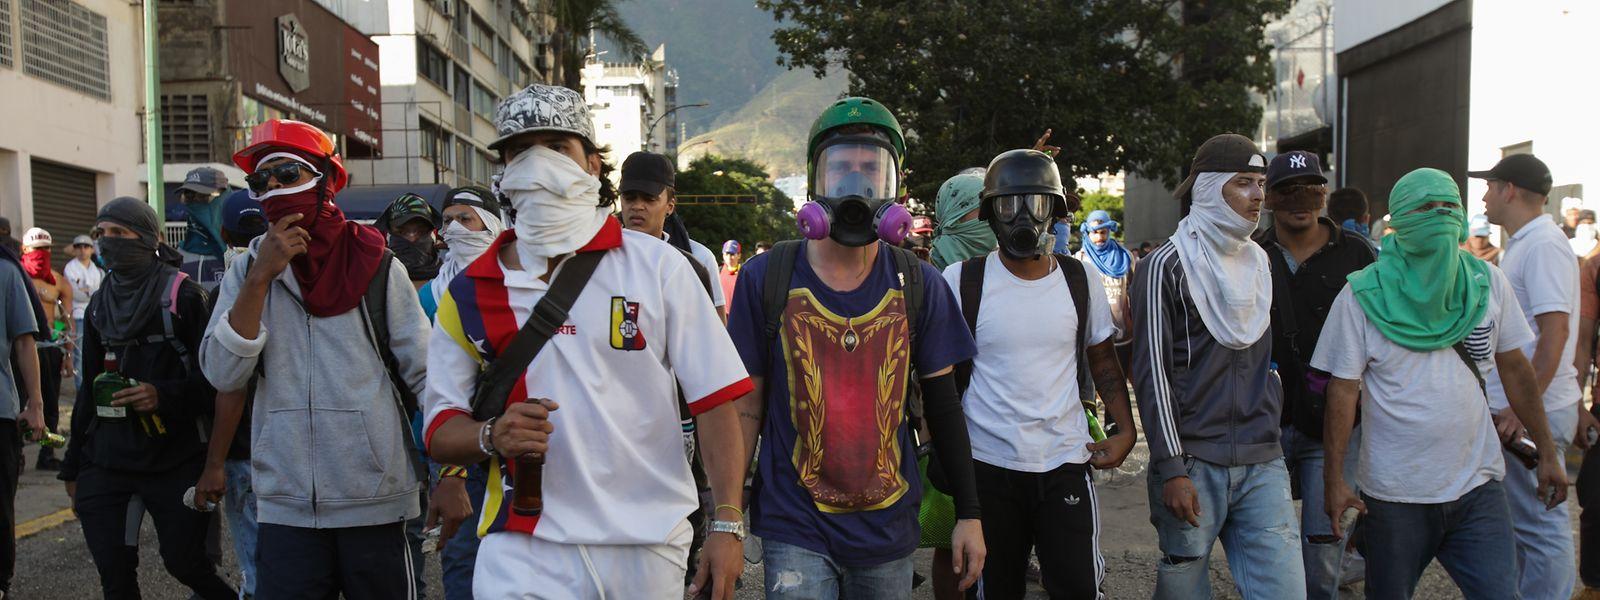 Vermummte und maskierte Menschen protestieren gegen den venezolanischen Präsidenten Maduro.